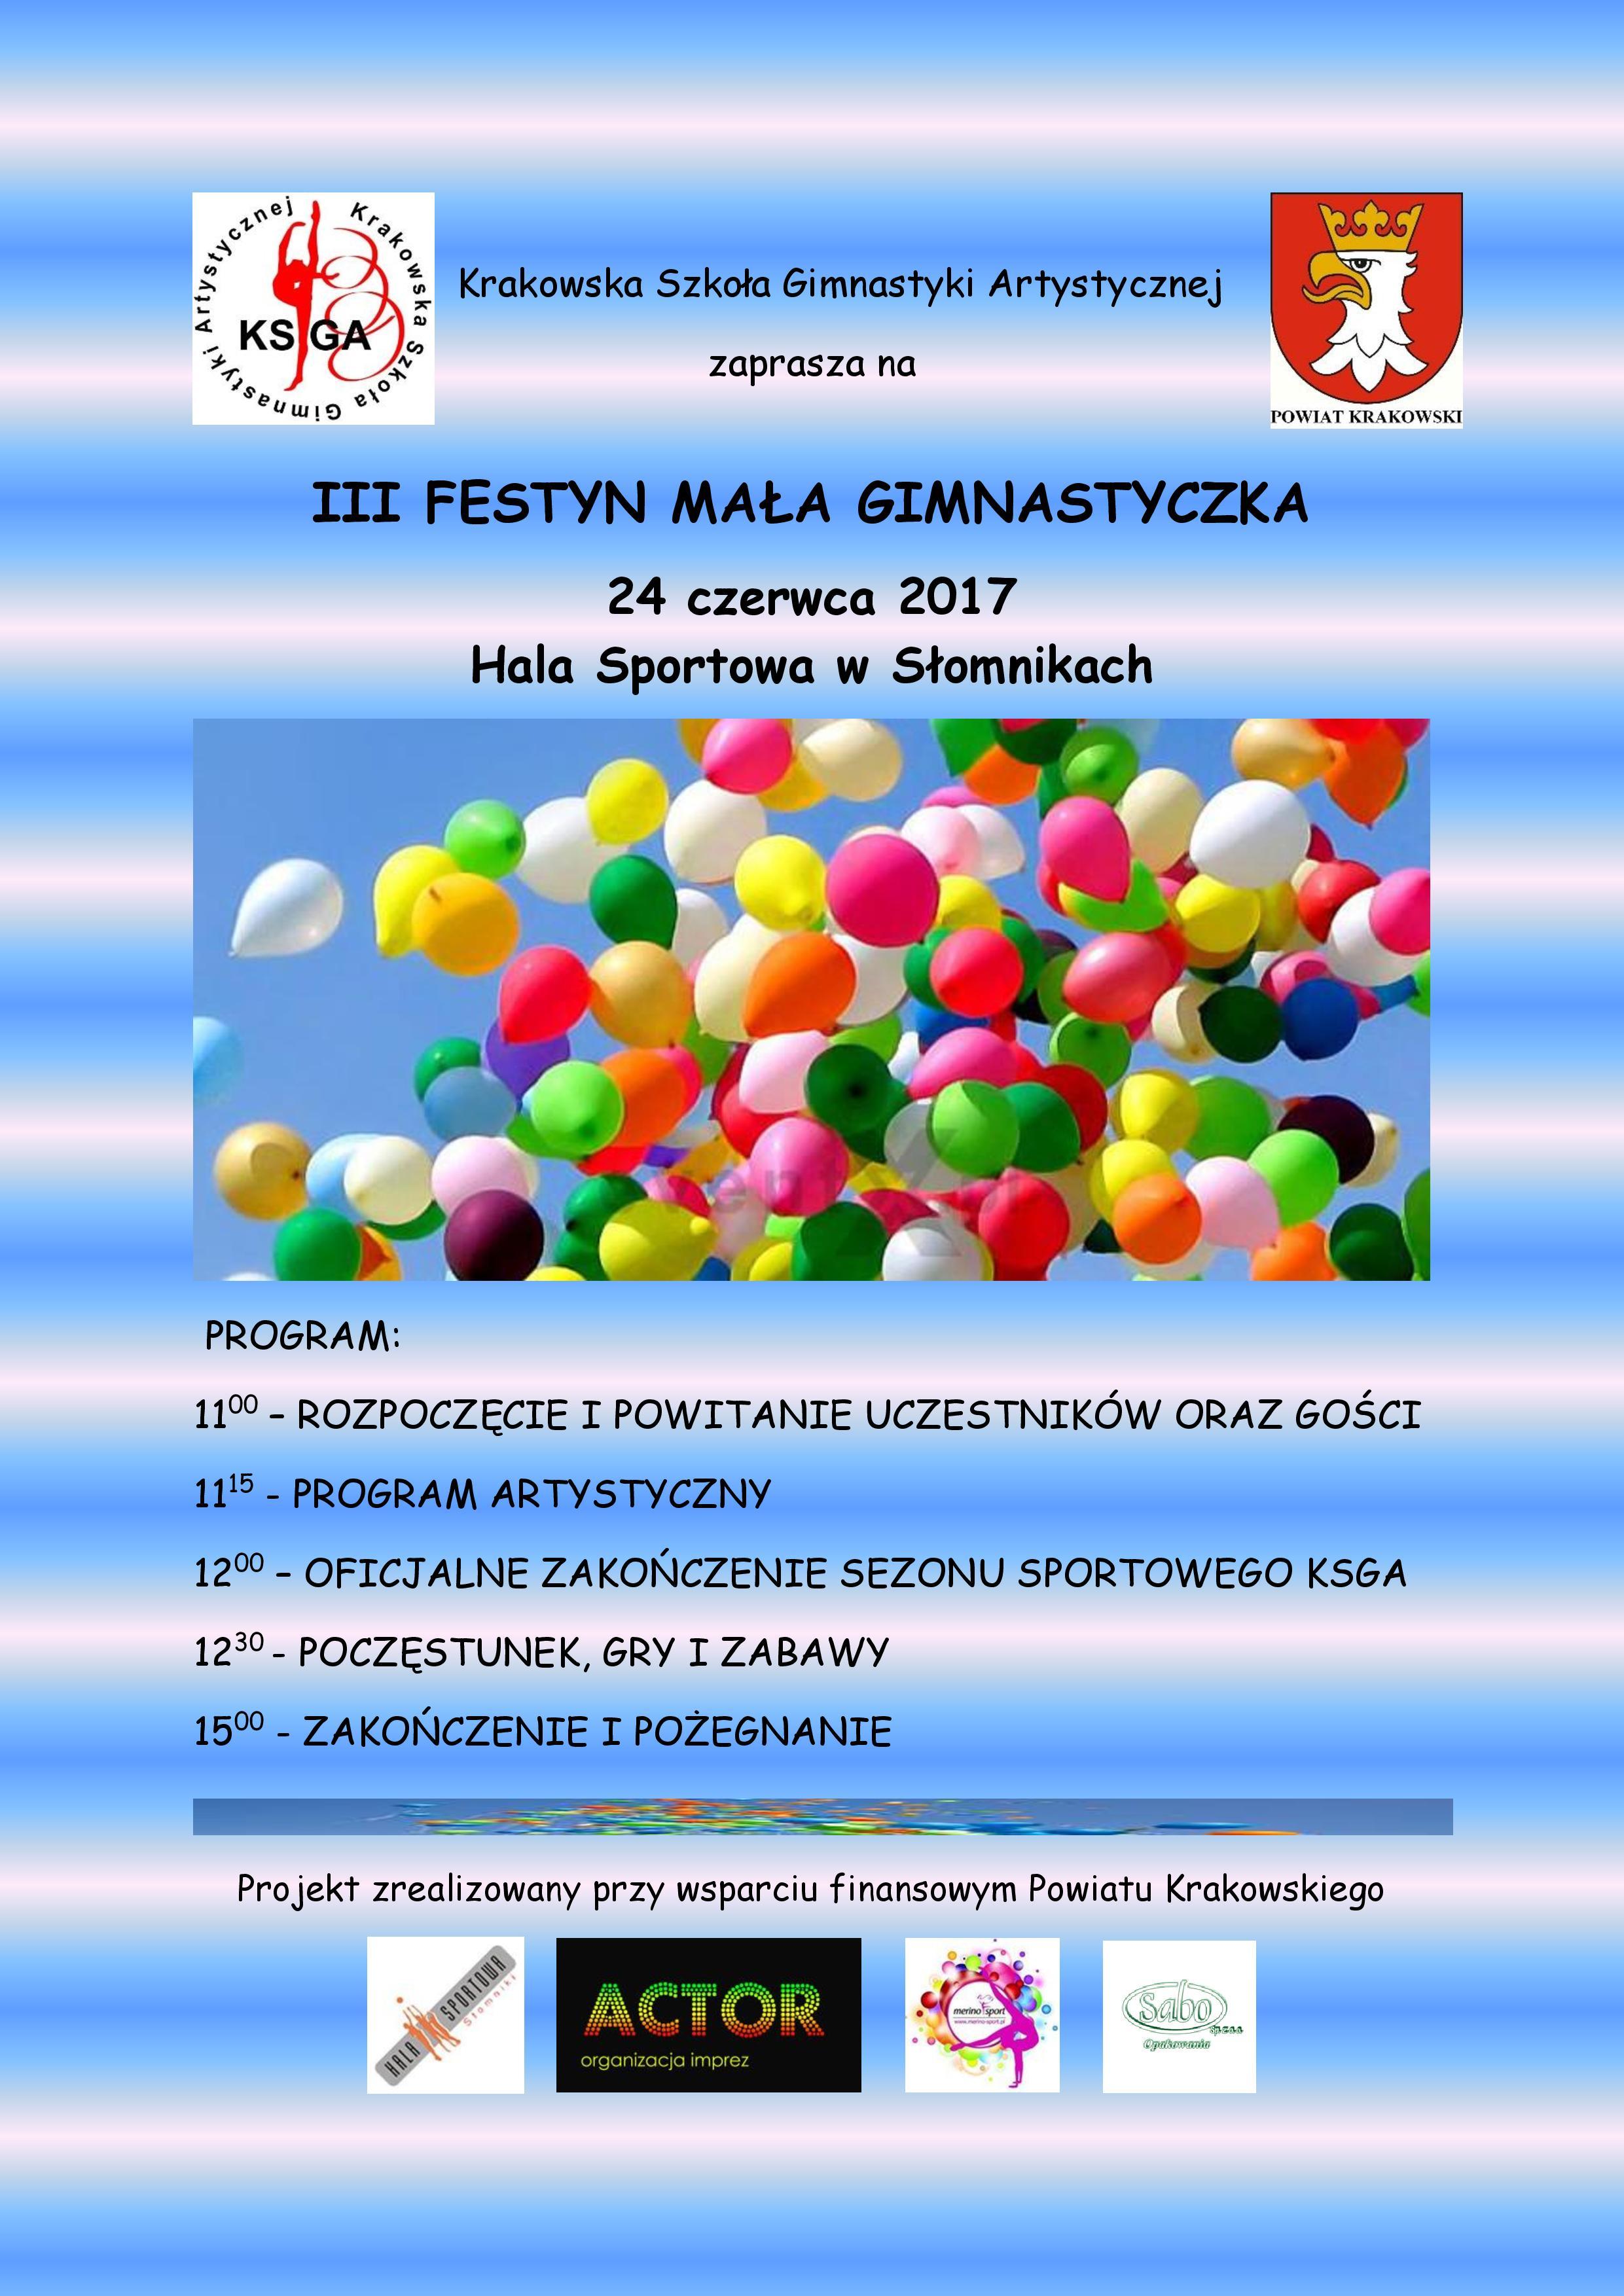 III Festyn Mała Gimnastyczka @ Hala Sportowa w Słomnikach | małopolskie | Polska